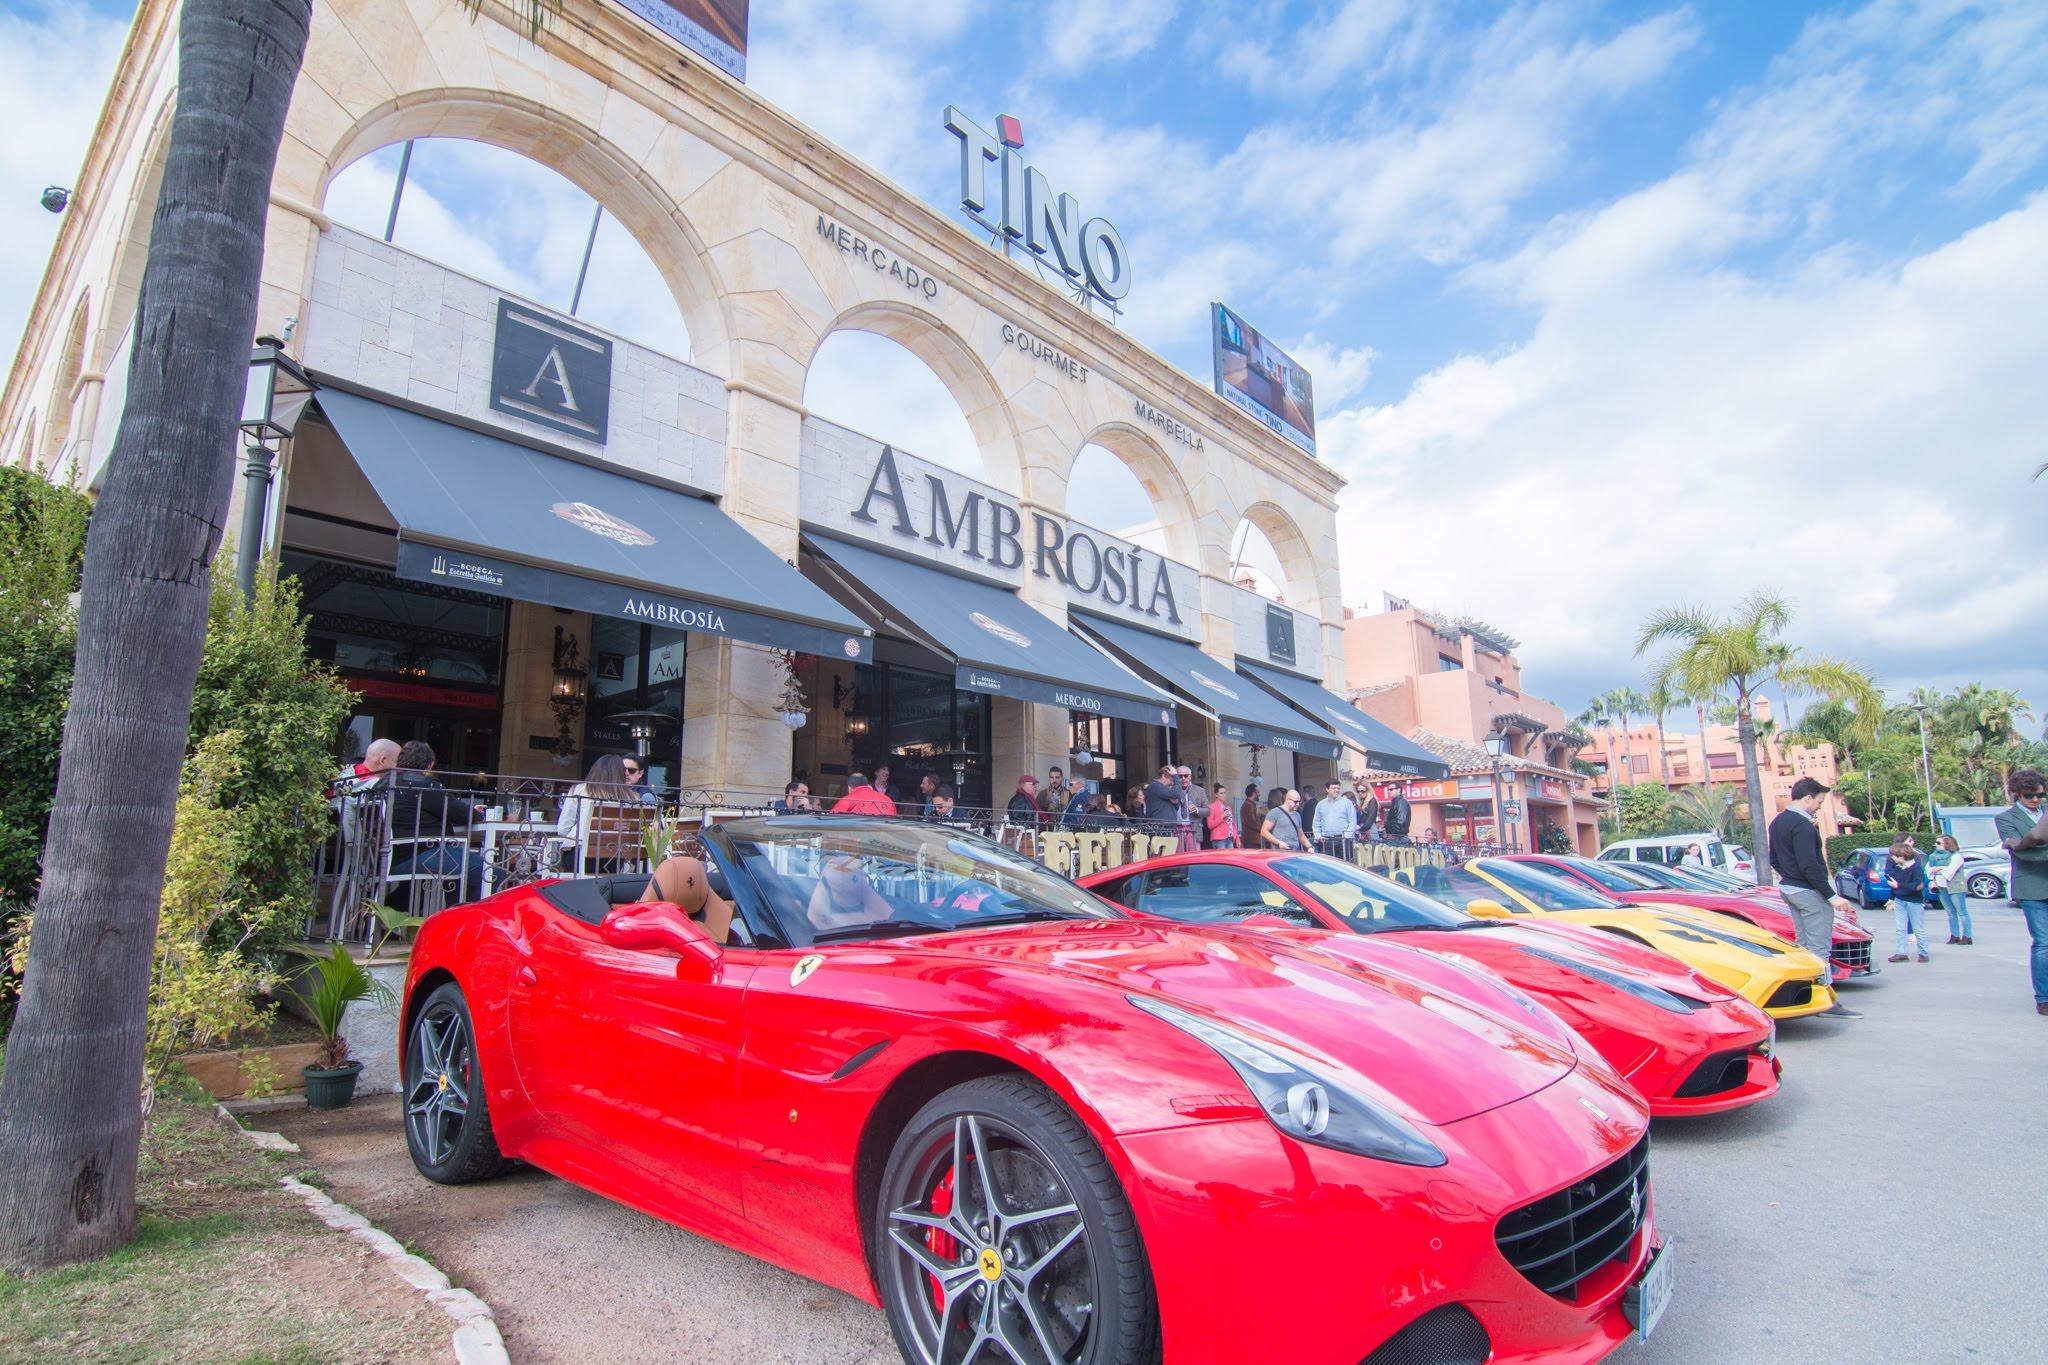 Cooldeals ambrosia gourmet mercado puerto banus - Puerto banus marbella ...